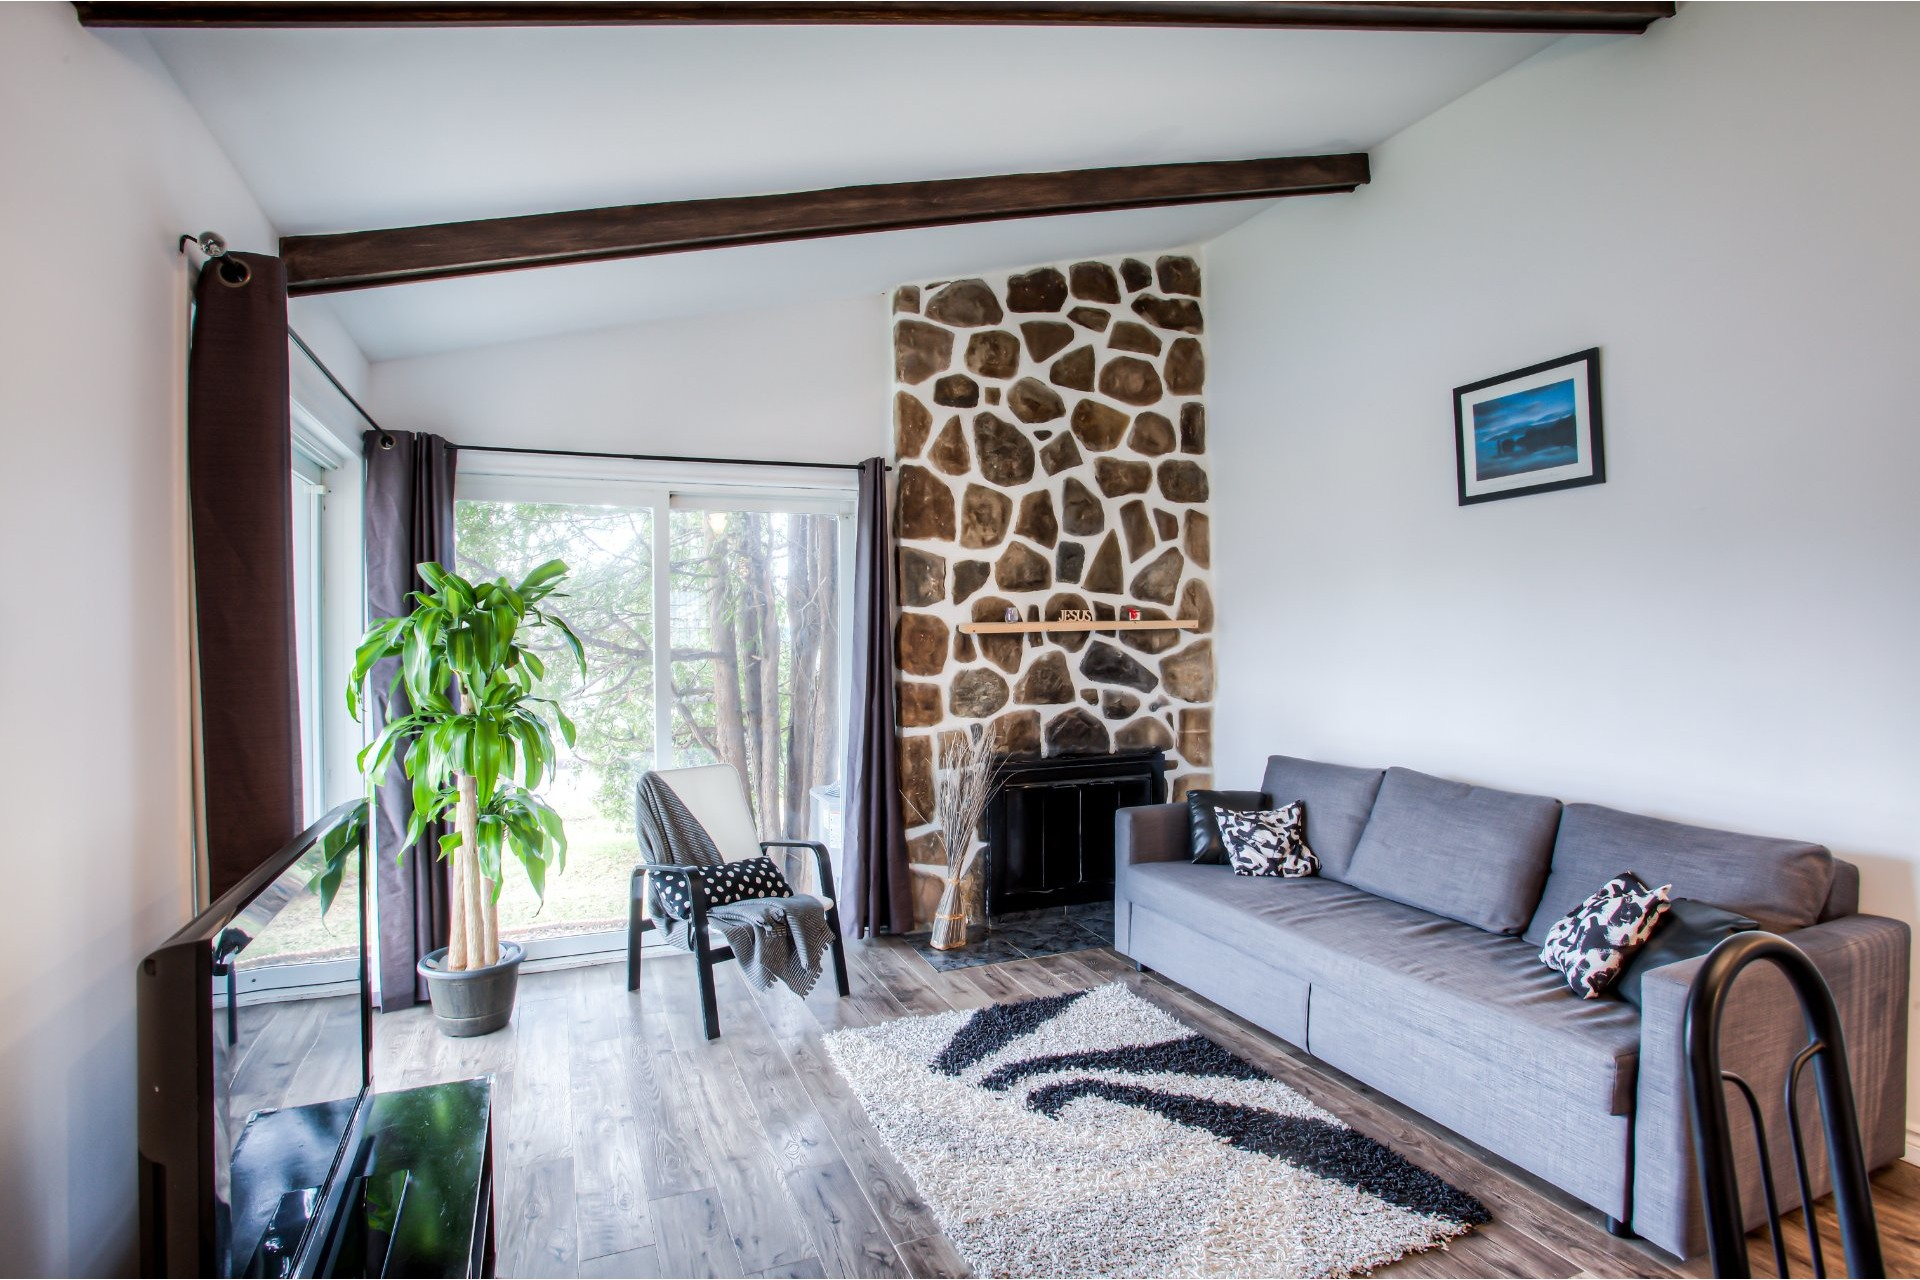 image 4 - MX - Casa sola - MX En venta Châteauguay - 9 habitaciones